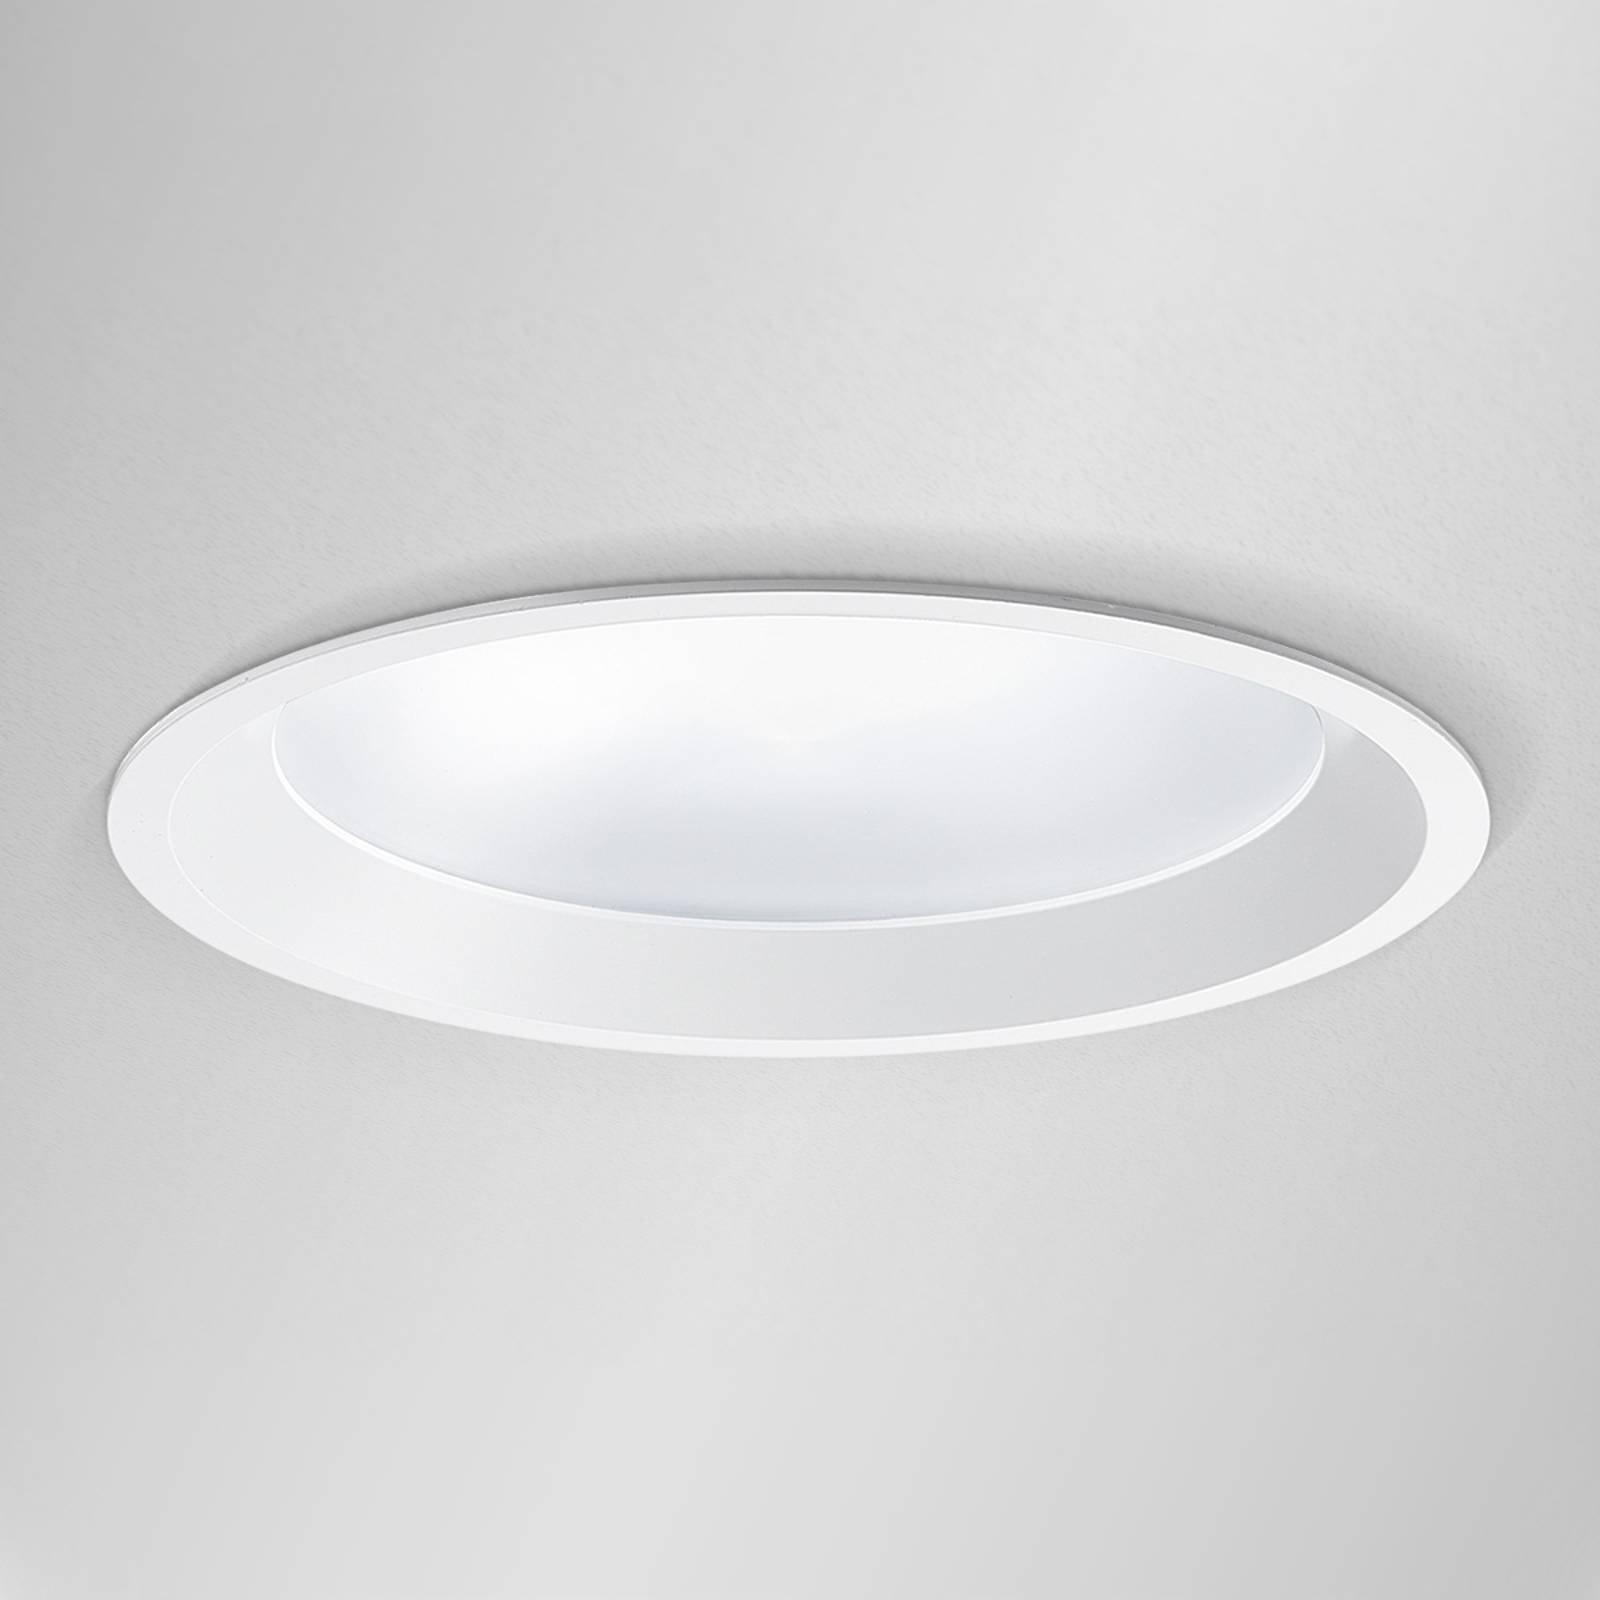 Strato 190 innfelt LED-taklampe – diameter 19 cm